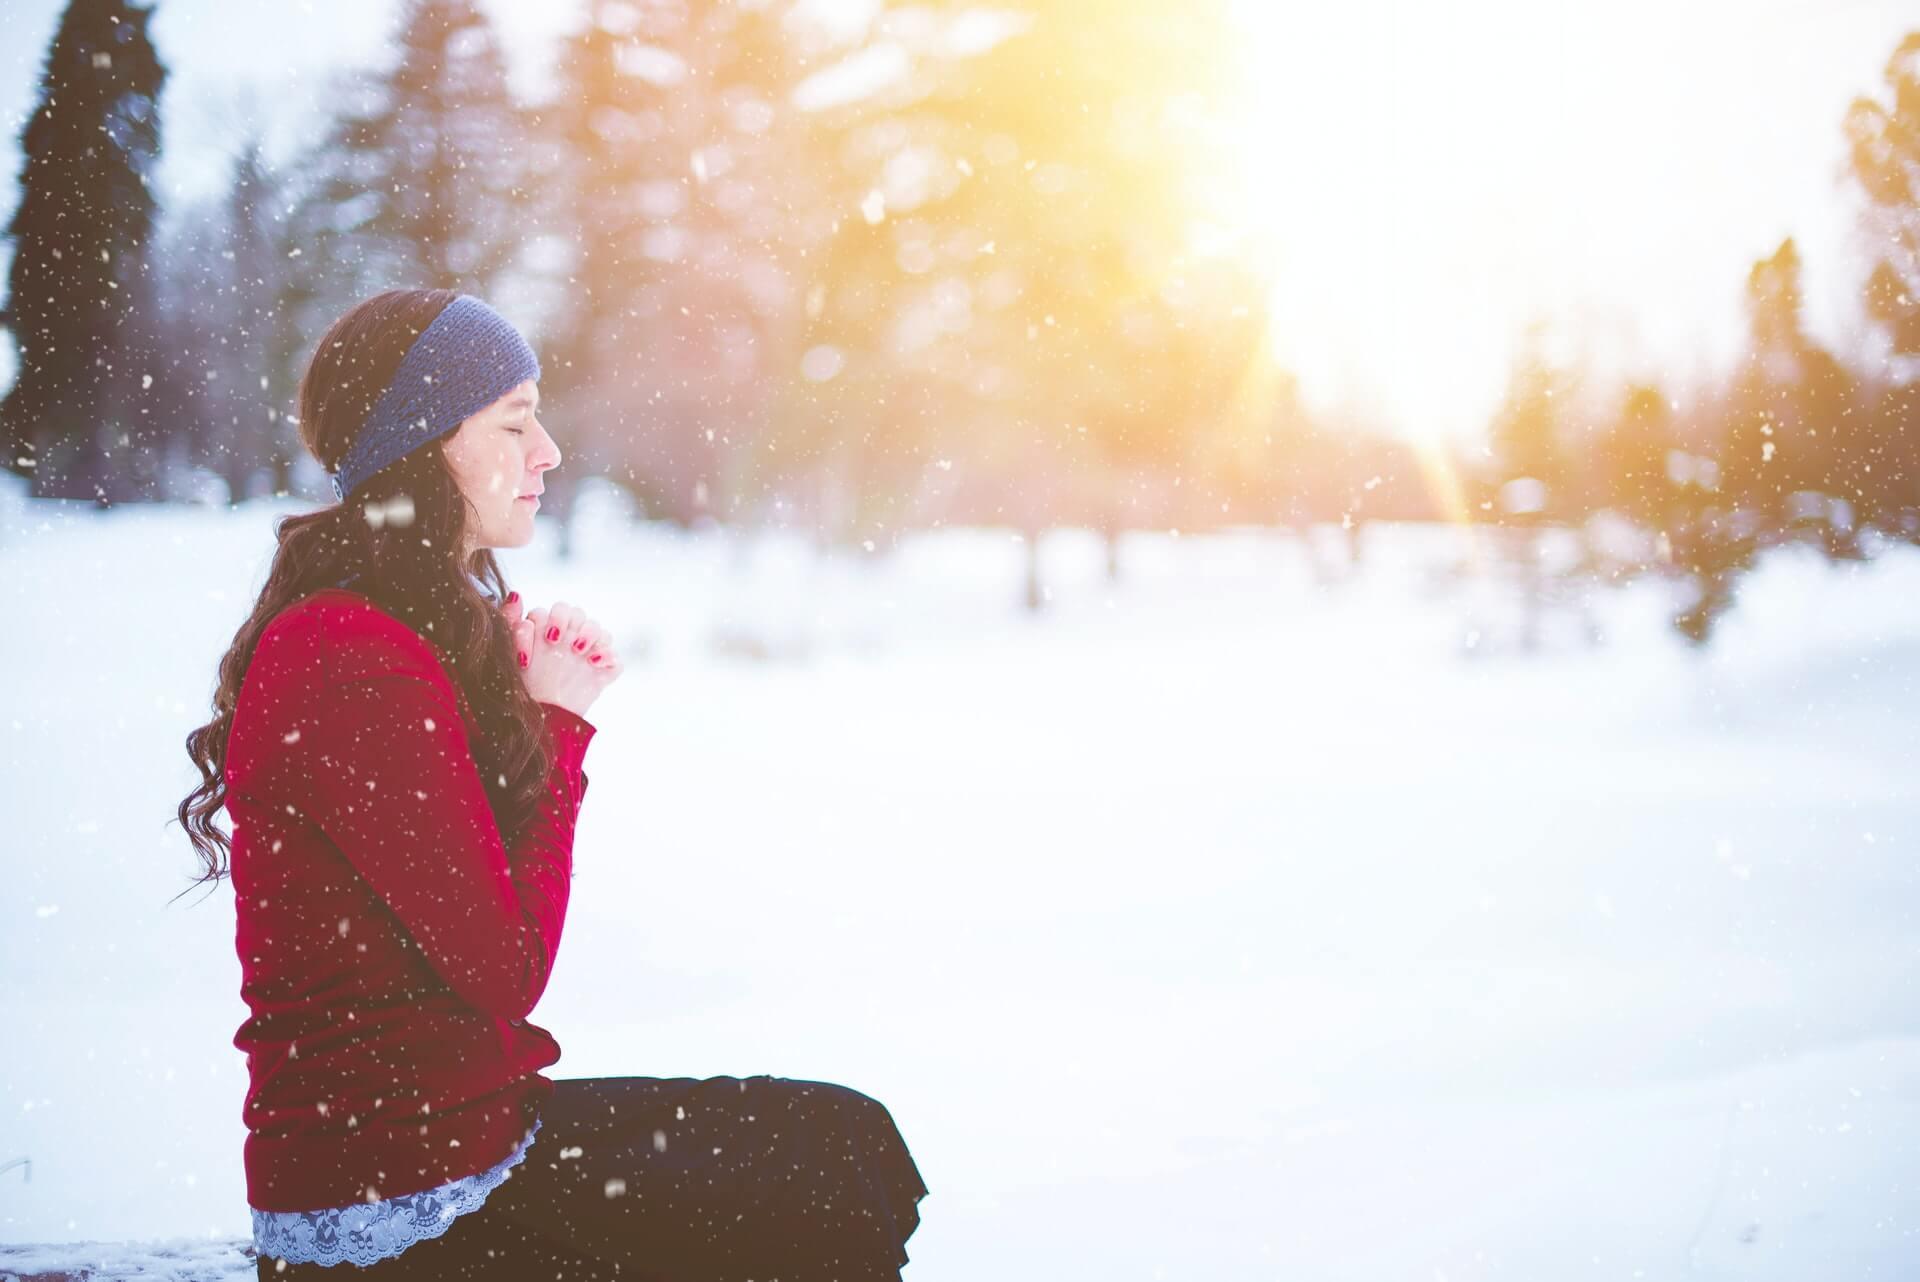 Mujer en la nieve con fotoqueratitis.